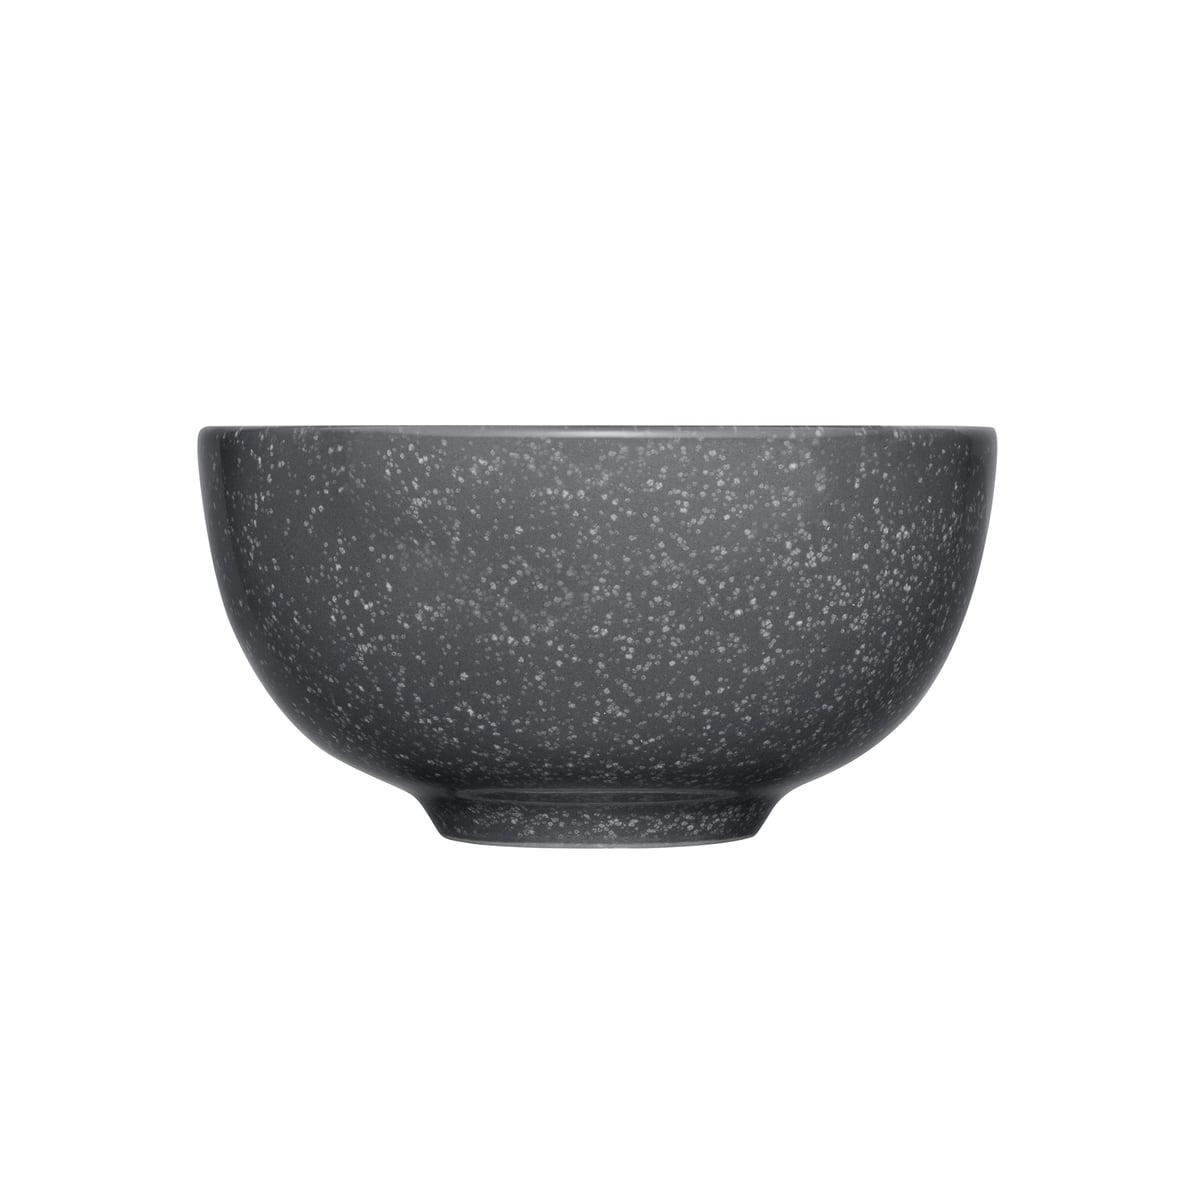 Iittala - Teema Tiimi Reisschale, 0,33 l, gesprenkelt grau   Küche und Esszimmer > Besteck und Geschirr > Geschirr   Iittala